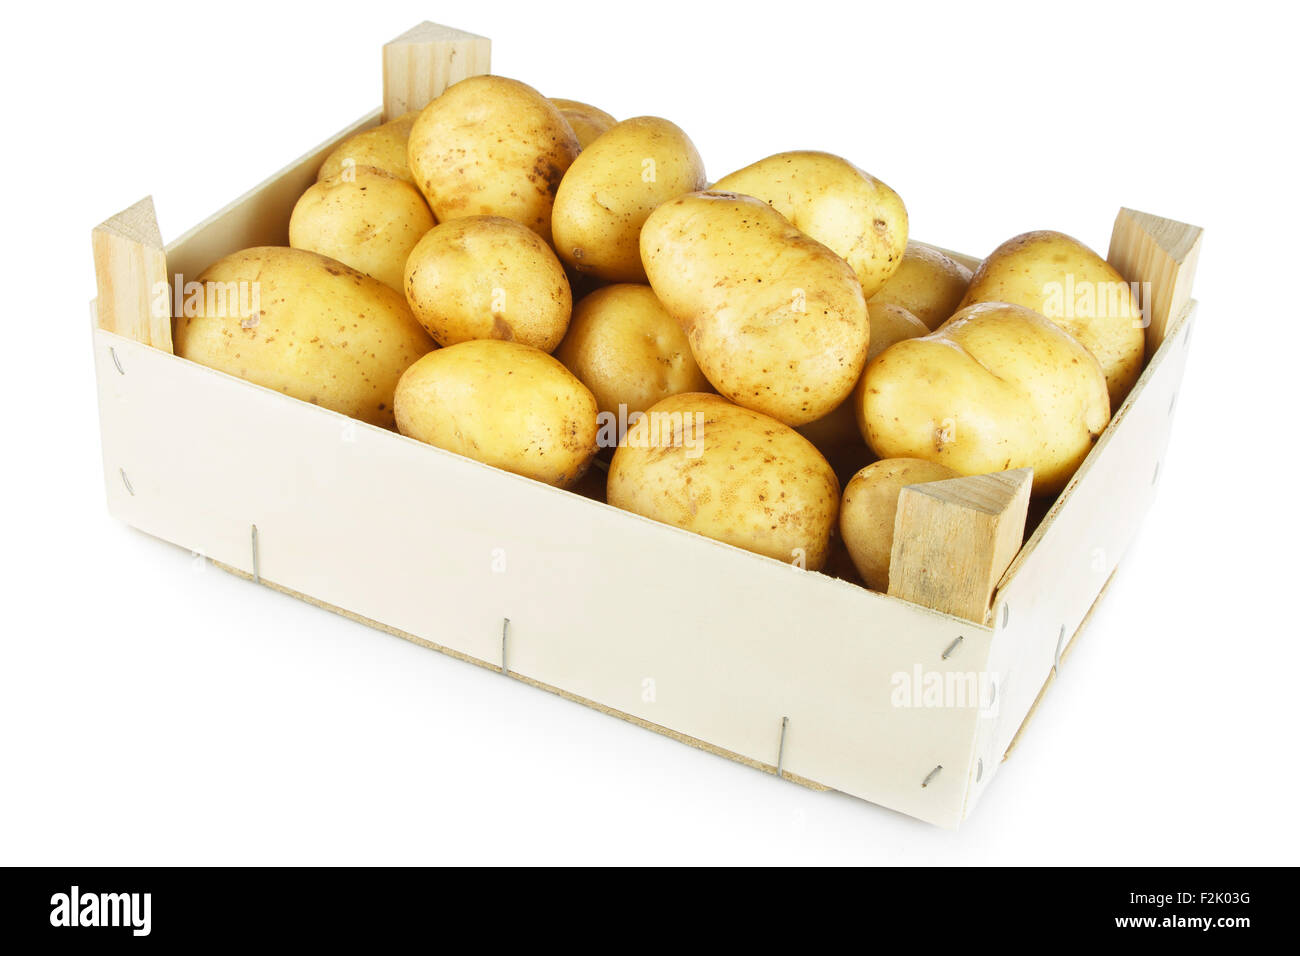 Pomme de terre en boîte en bois isolé sur fond blanc Banque D'Images